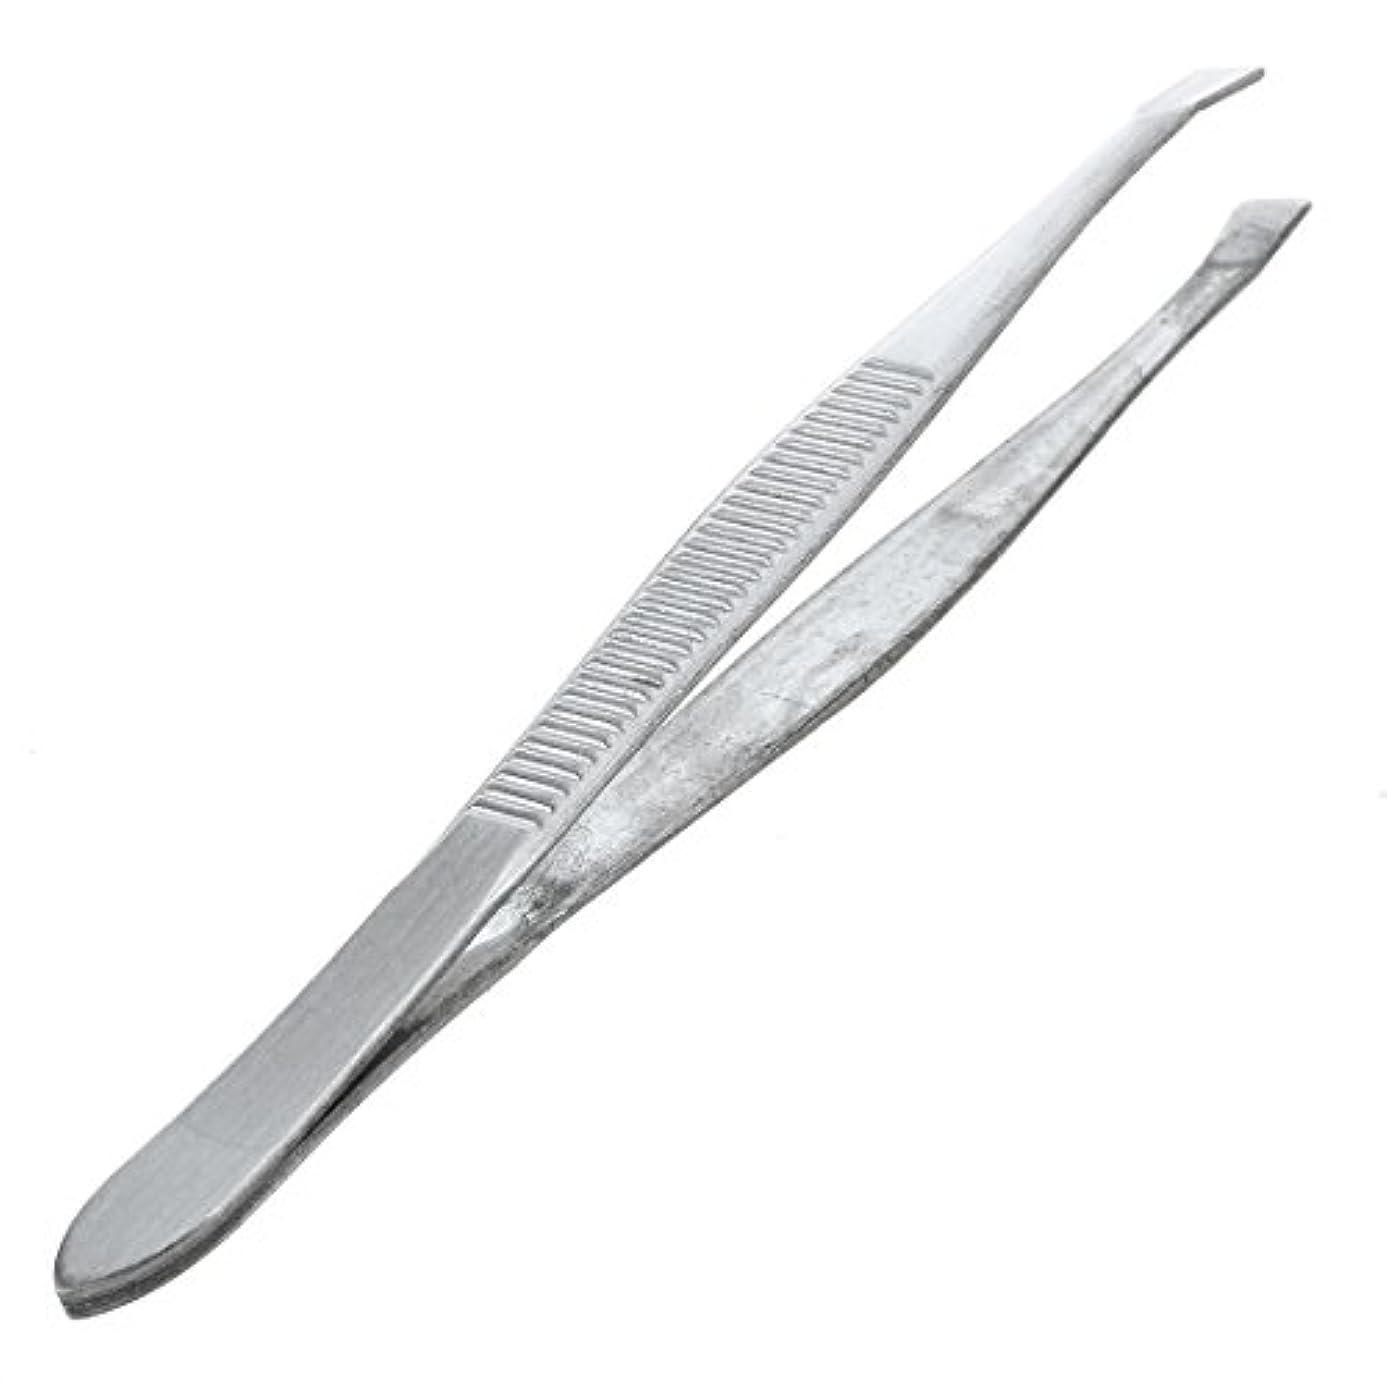 代理人提供なにGaoominy 眉毛ピンセット 脱毛チップ 炭素鋼 傾斜 9cm シルバーカラー